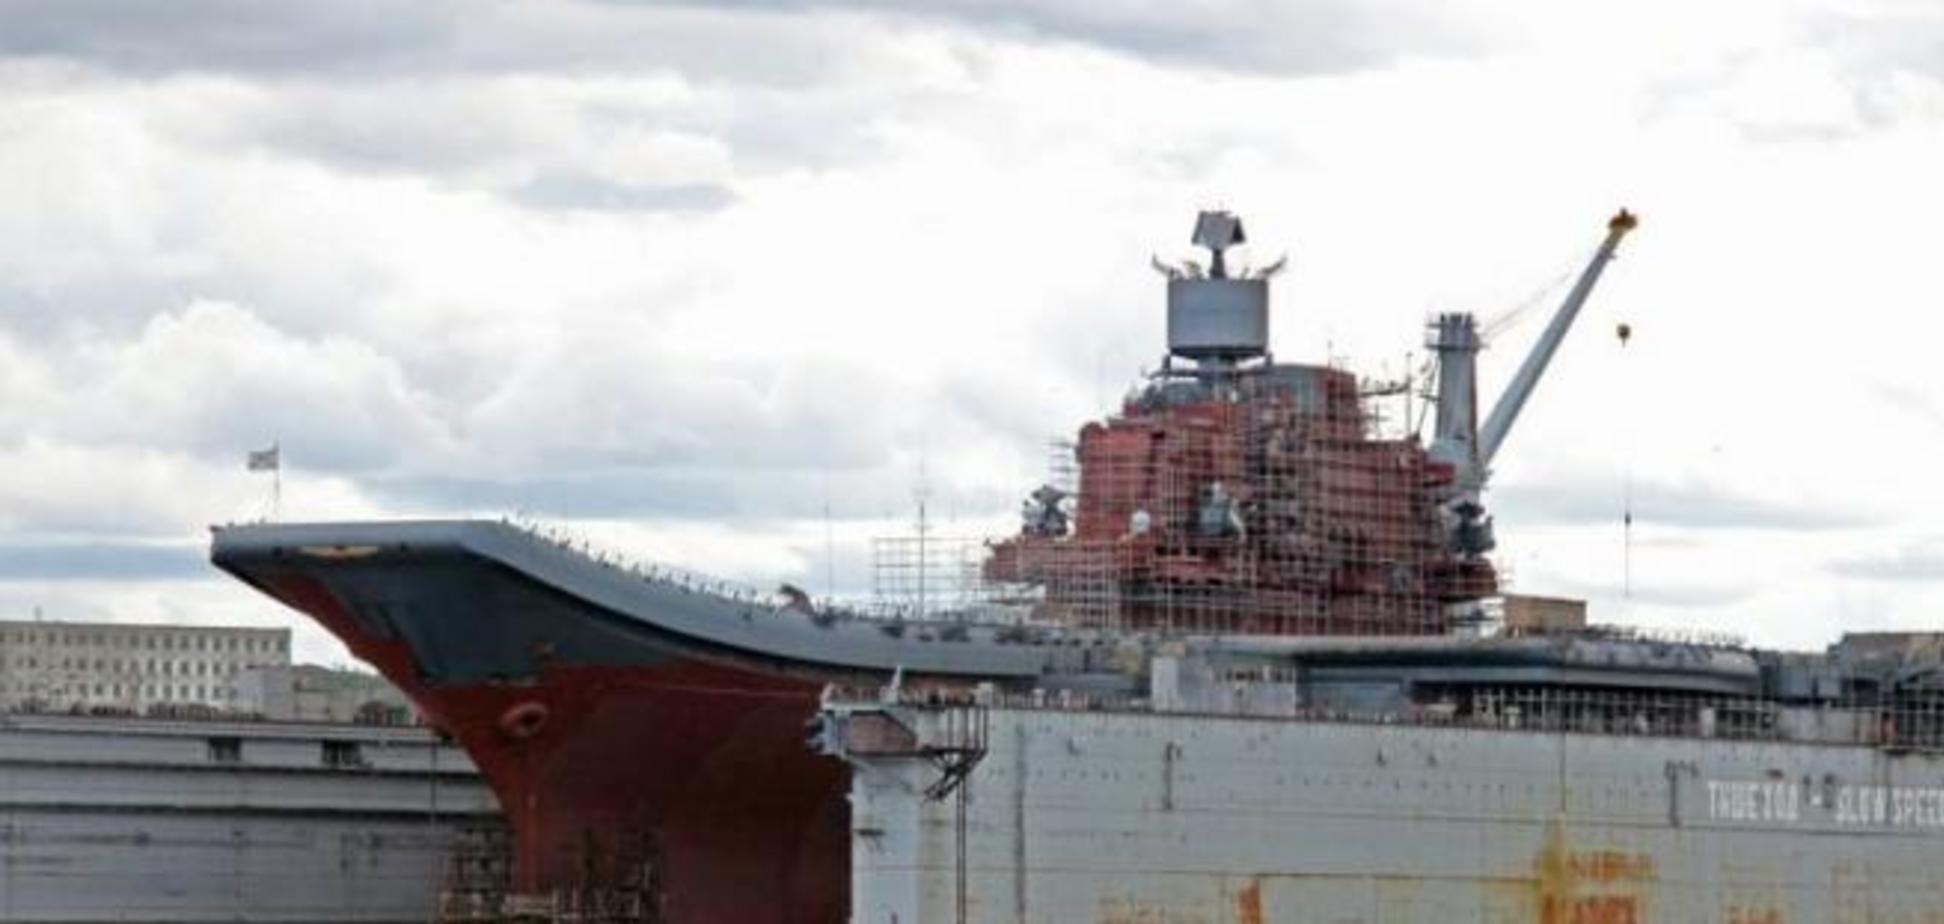 ЧП с гигантским доком в Мурманске: появились жуткие подробности